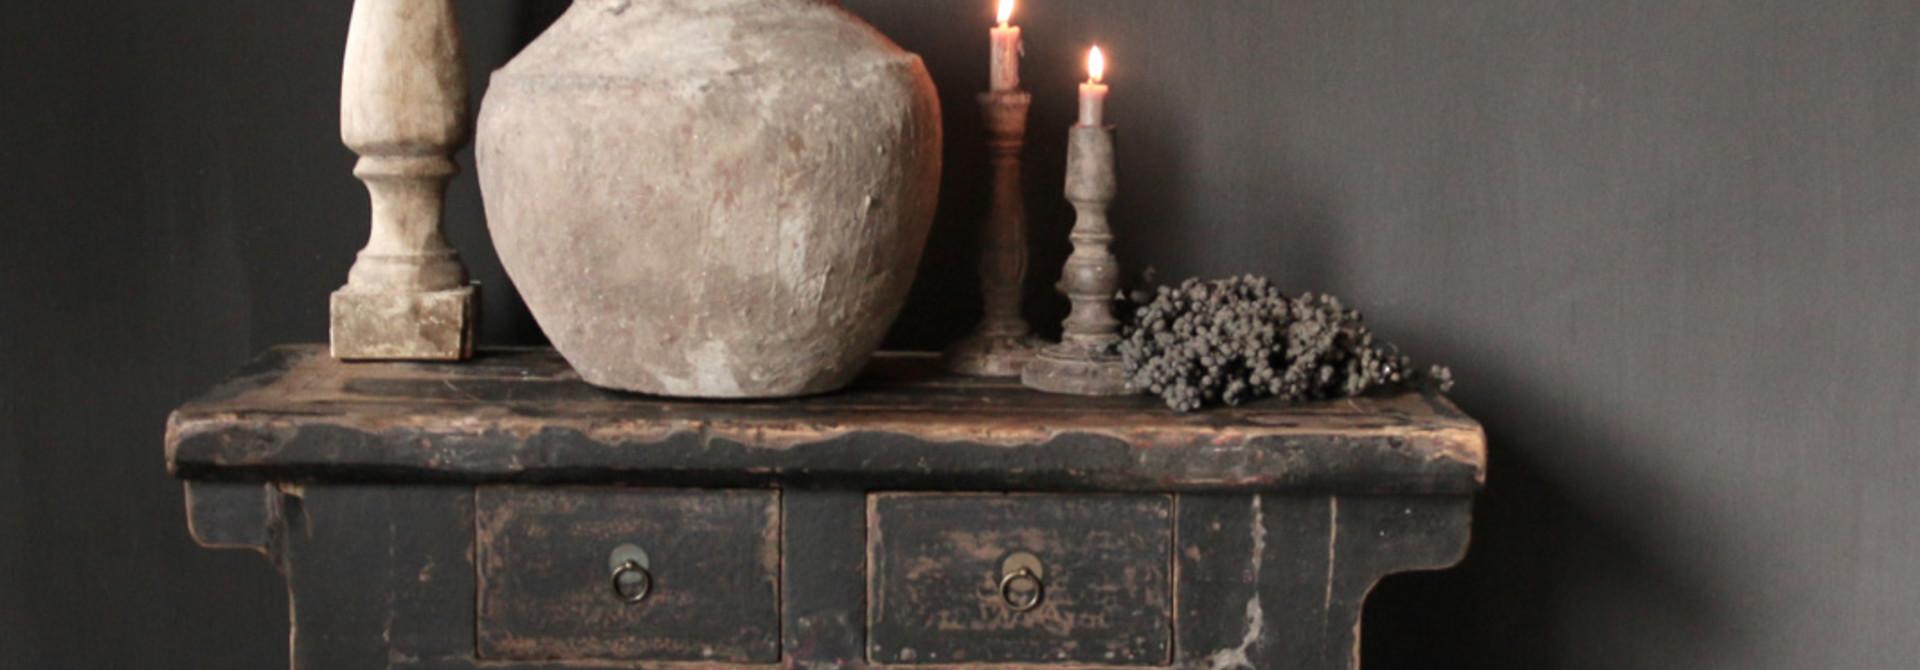 Oud Authentiek houten lade kastje